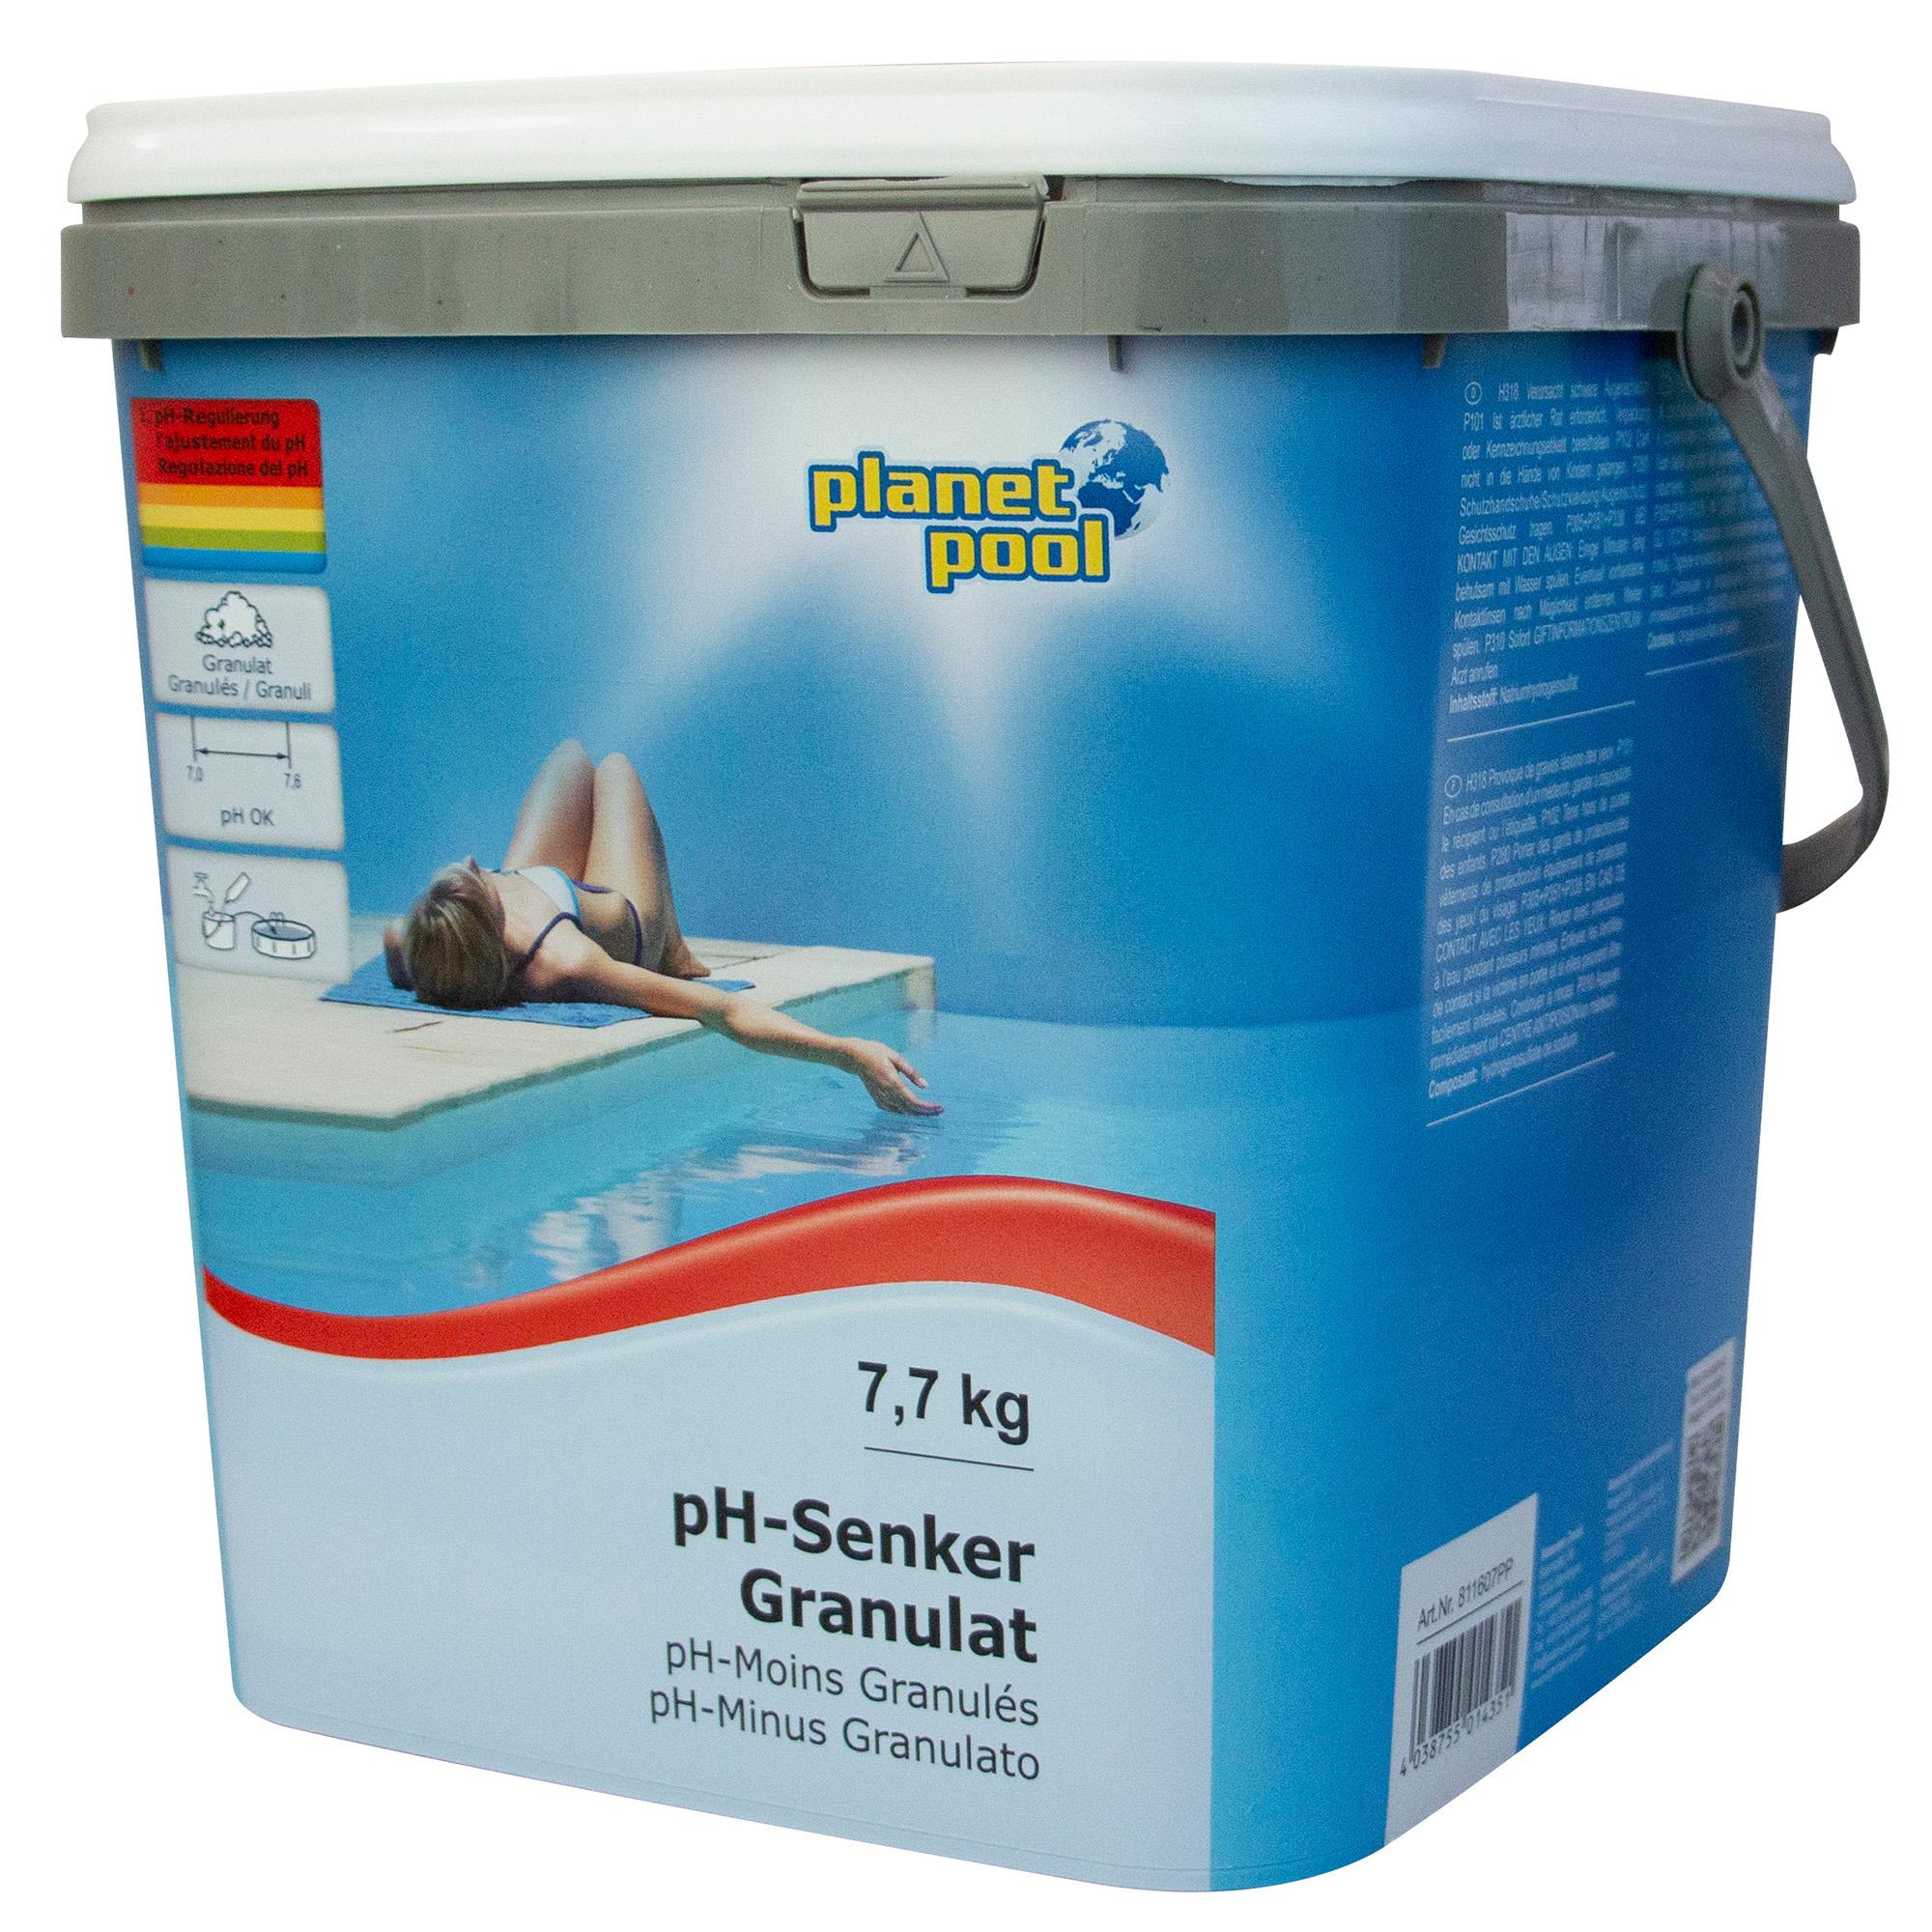 PLANET POOL pH-Senker Granulat 7,7 kg